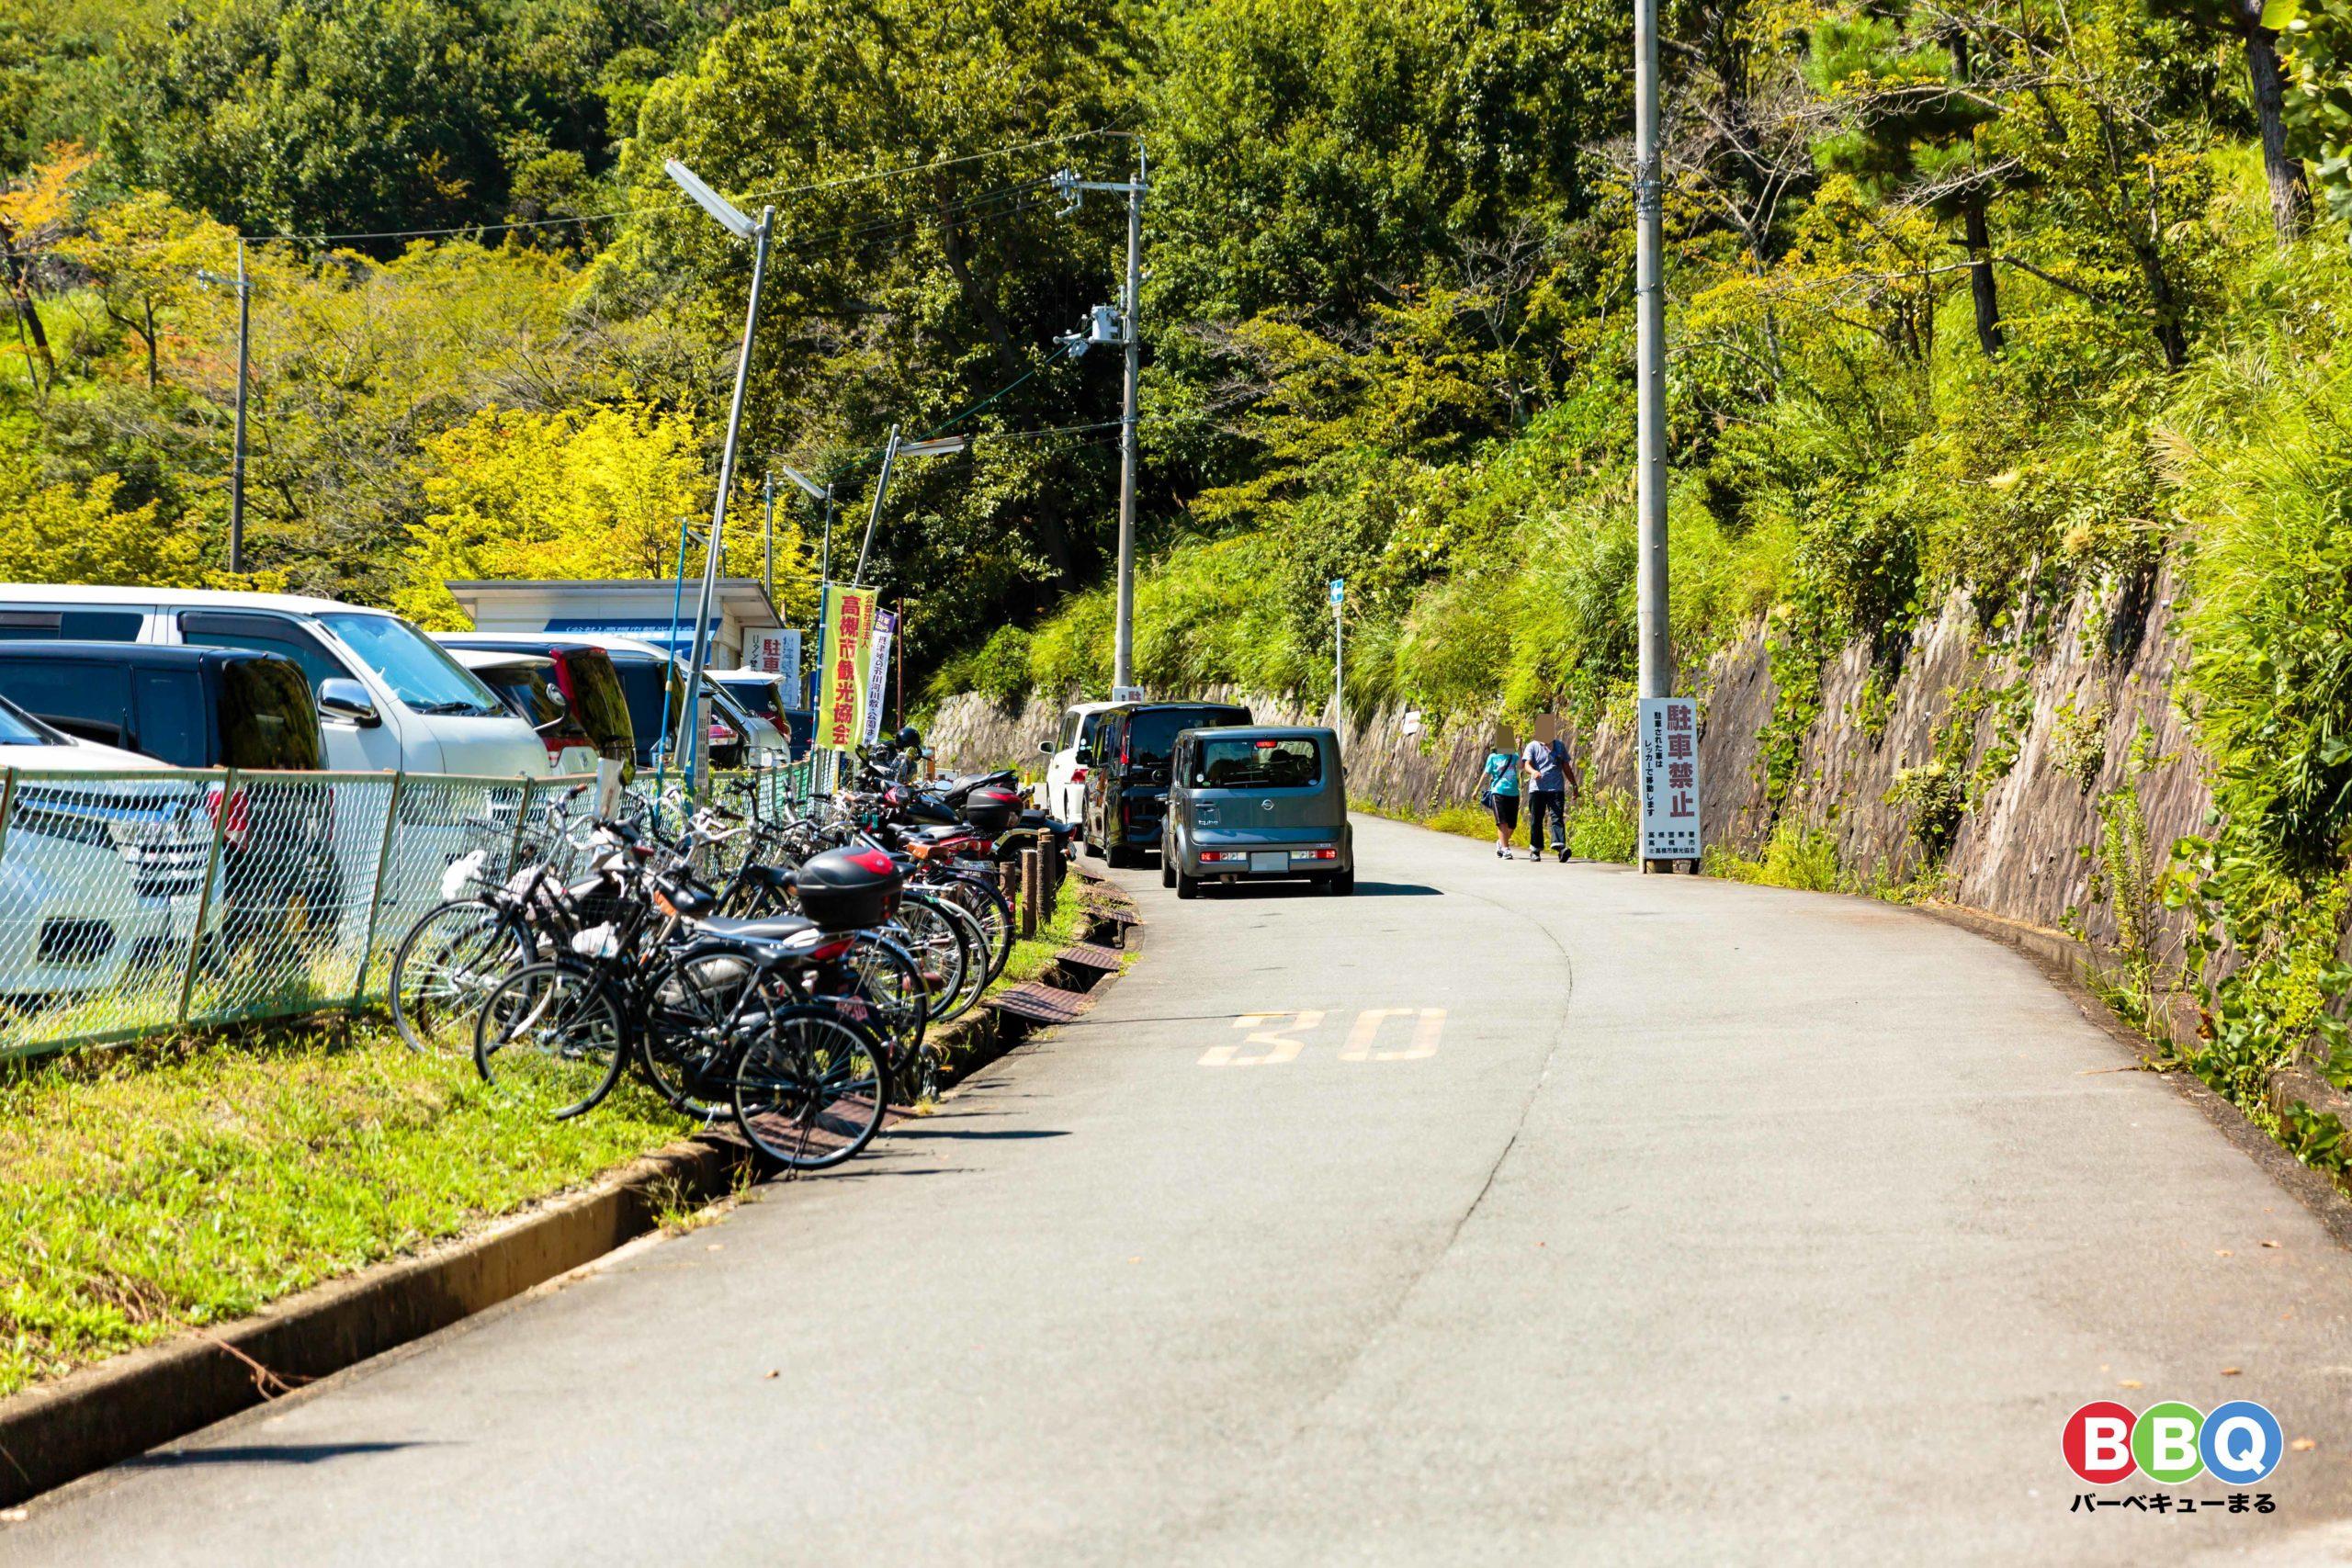 高槻市観光協会 摂津峡公園下の口駐車場